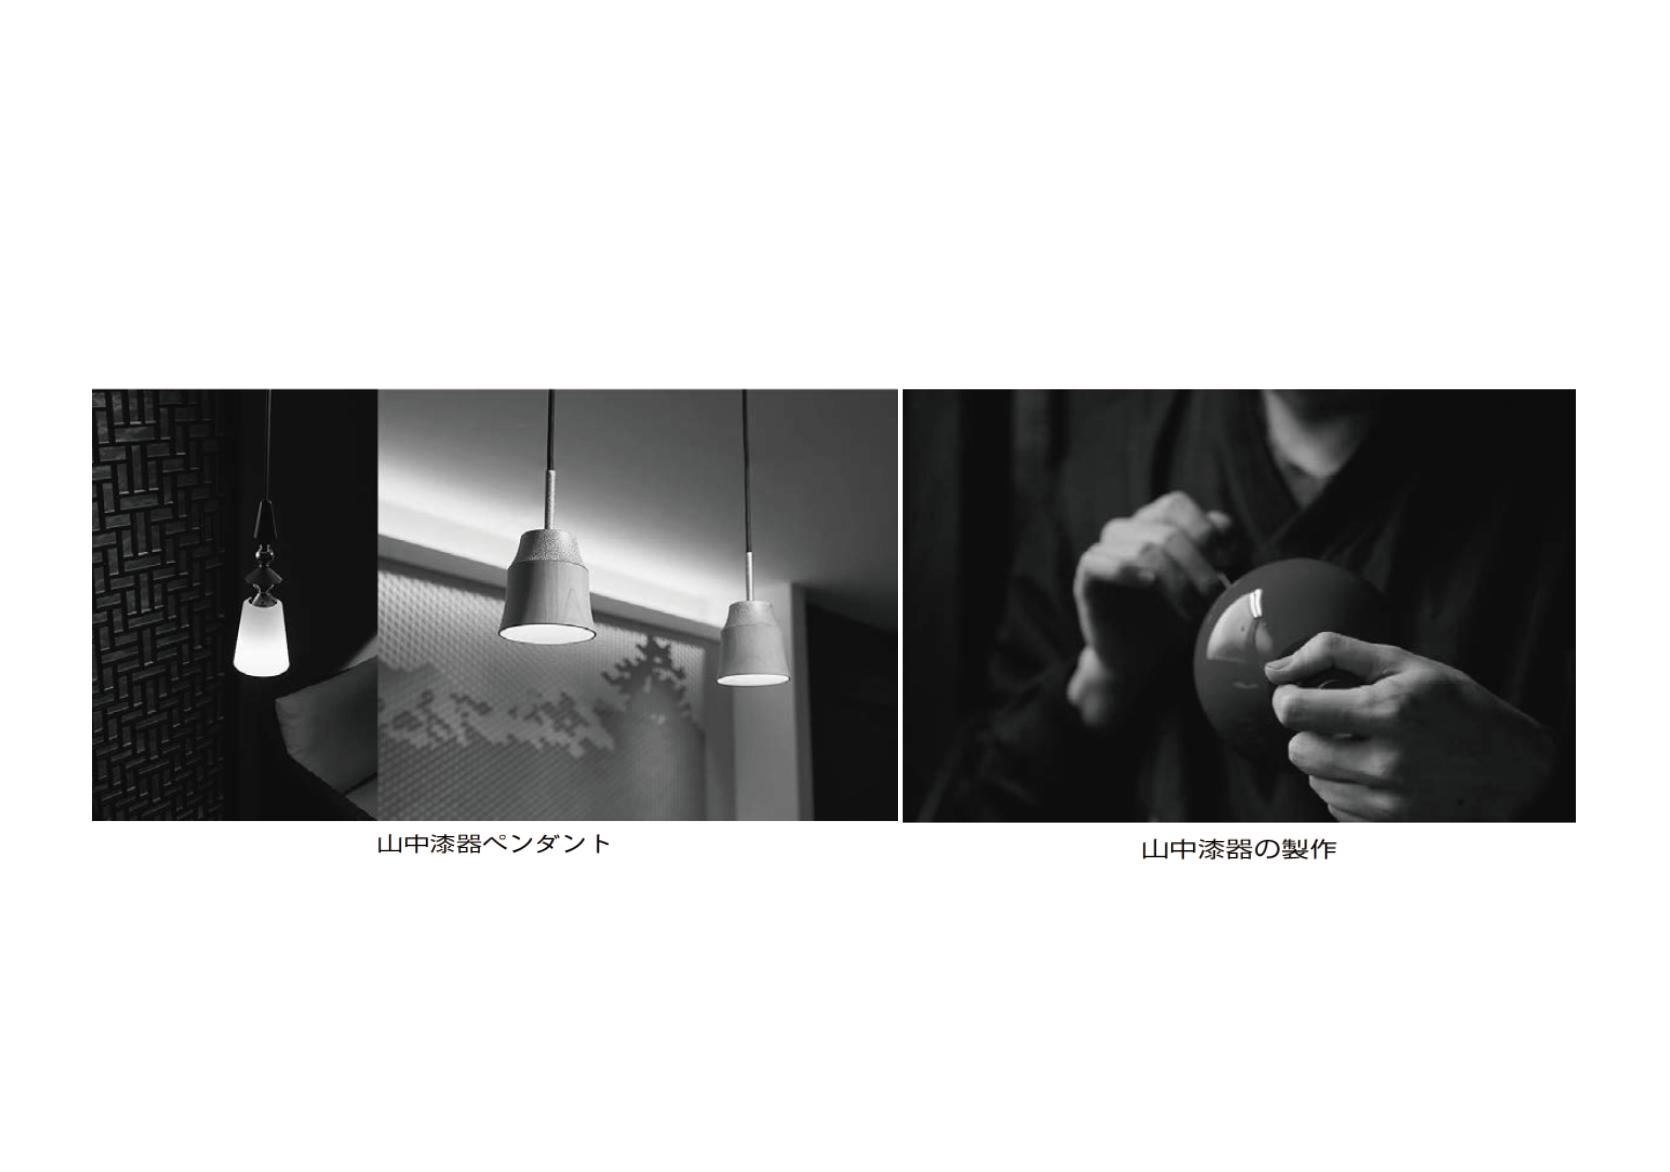 オーデリックの伝統工芸シリーズ made in NIPPON ⑤ 漆器の良さや技術広める一助にの画像